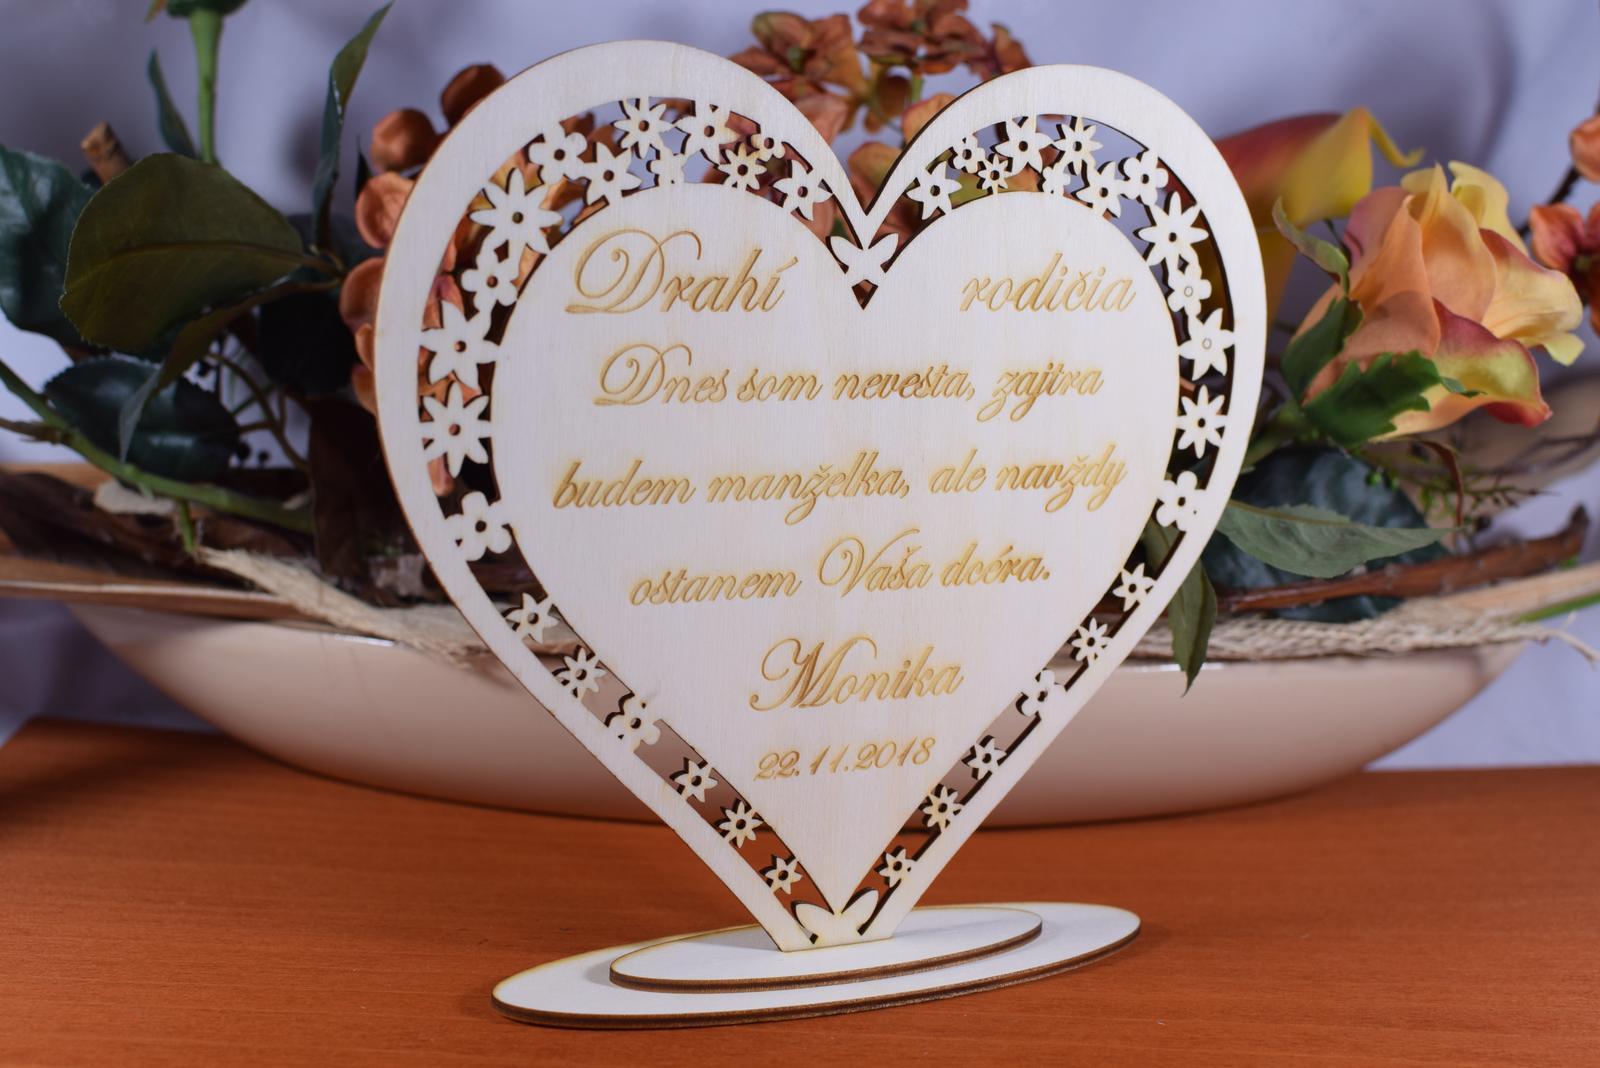 Poďakovanie Rodičom srdce vyrezávané 6 - Obrázok č. 2